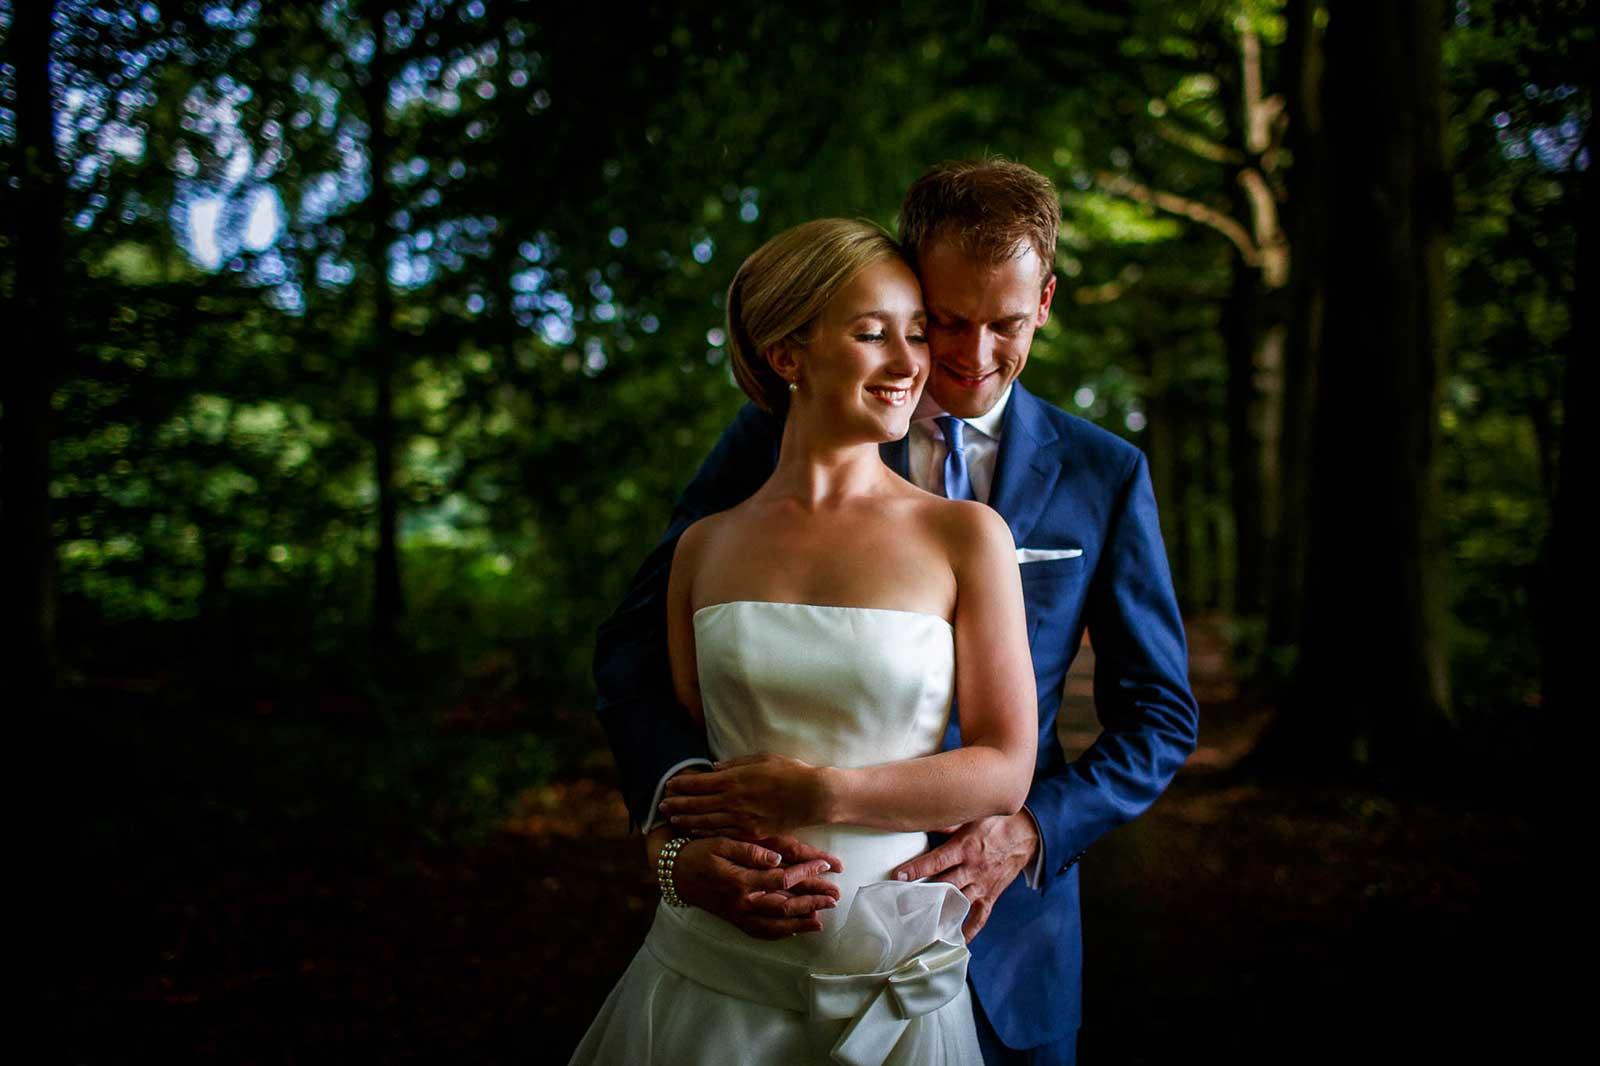 Bruidsfotograaf-Trouwfotograaf-Fotograaf-Zwolle-Overijssel-Amsterdam-Utrecht-Groningen-Arnhem-Nicole-Bosch-100